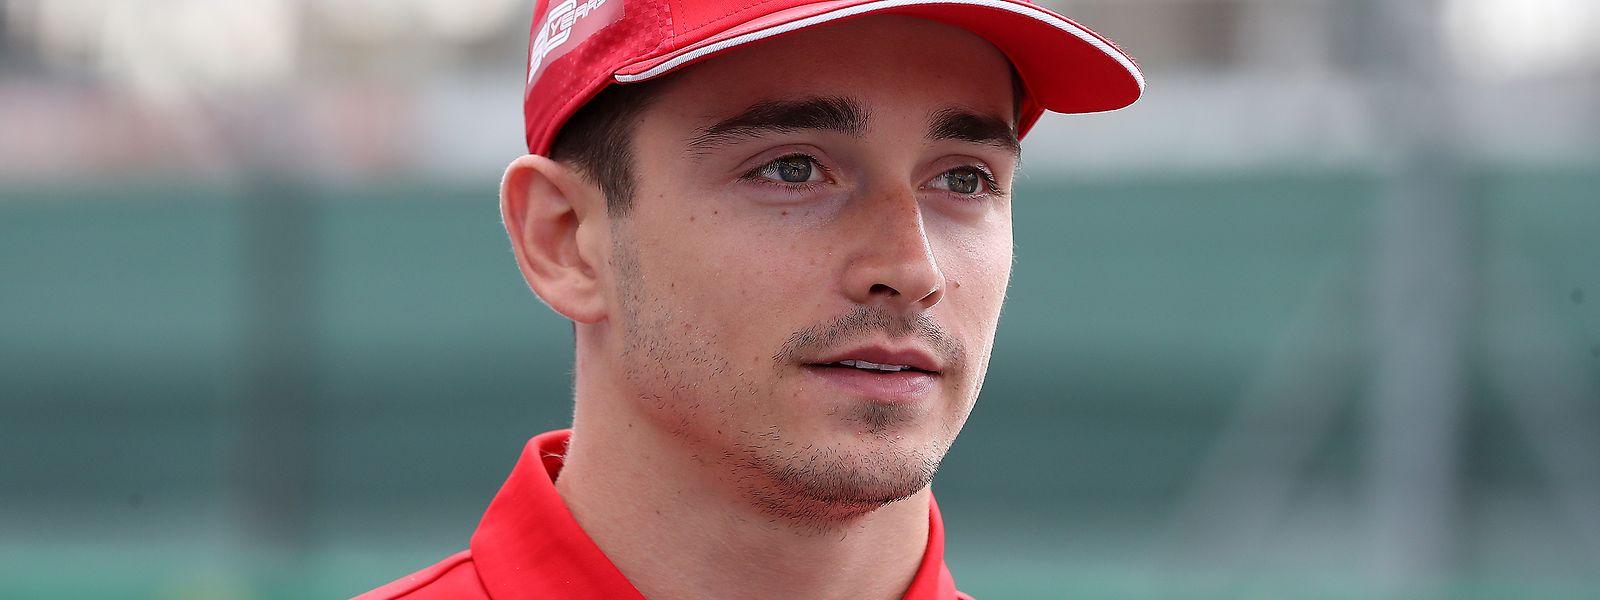 Charles Leclerc ist der Dominator der virtuellen Formel-1-Szene.